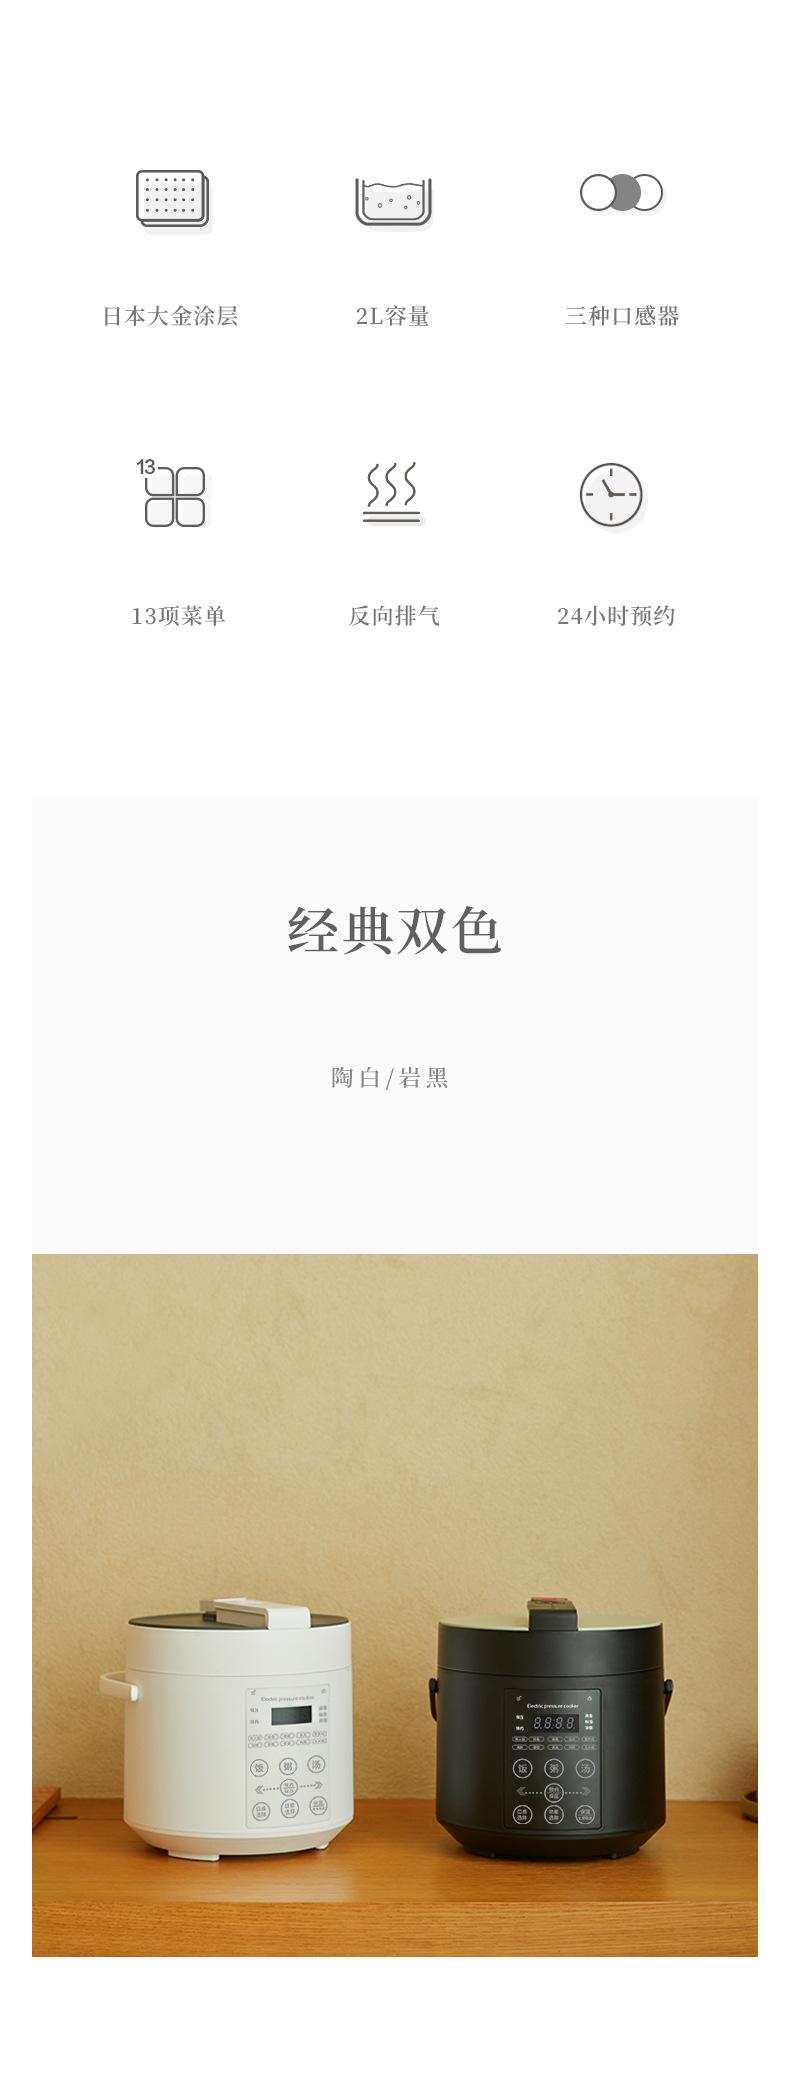 宝贝详情图10.jpg